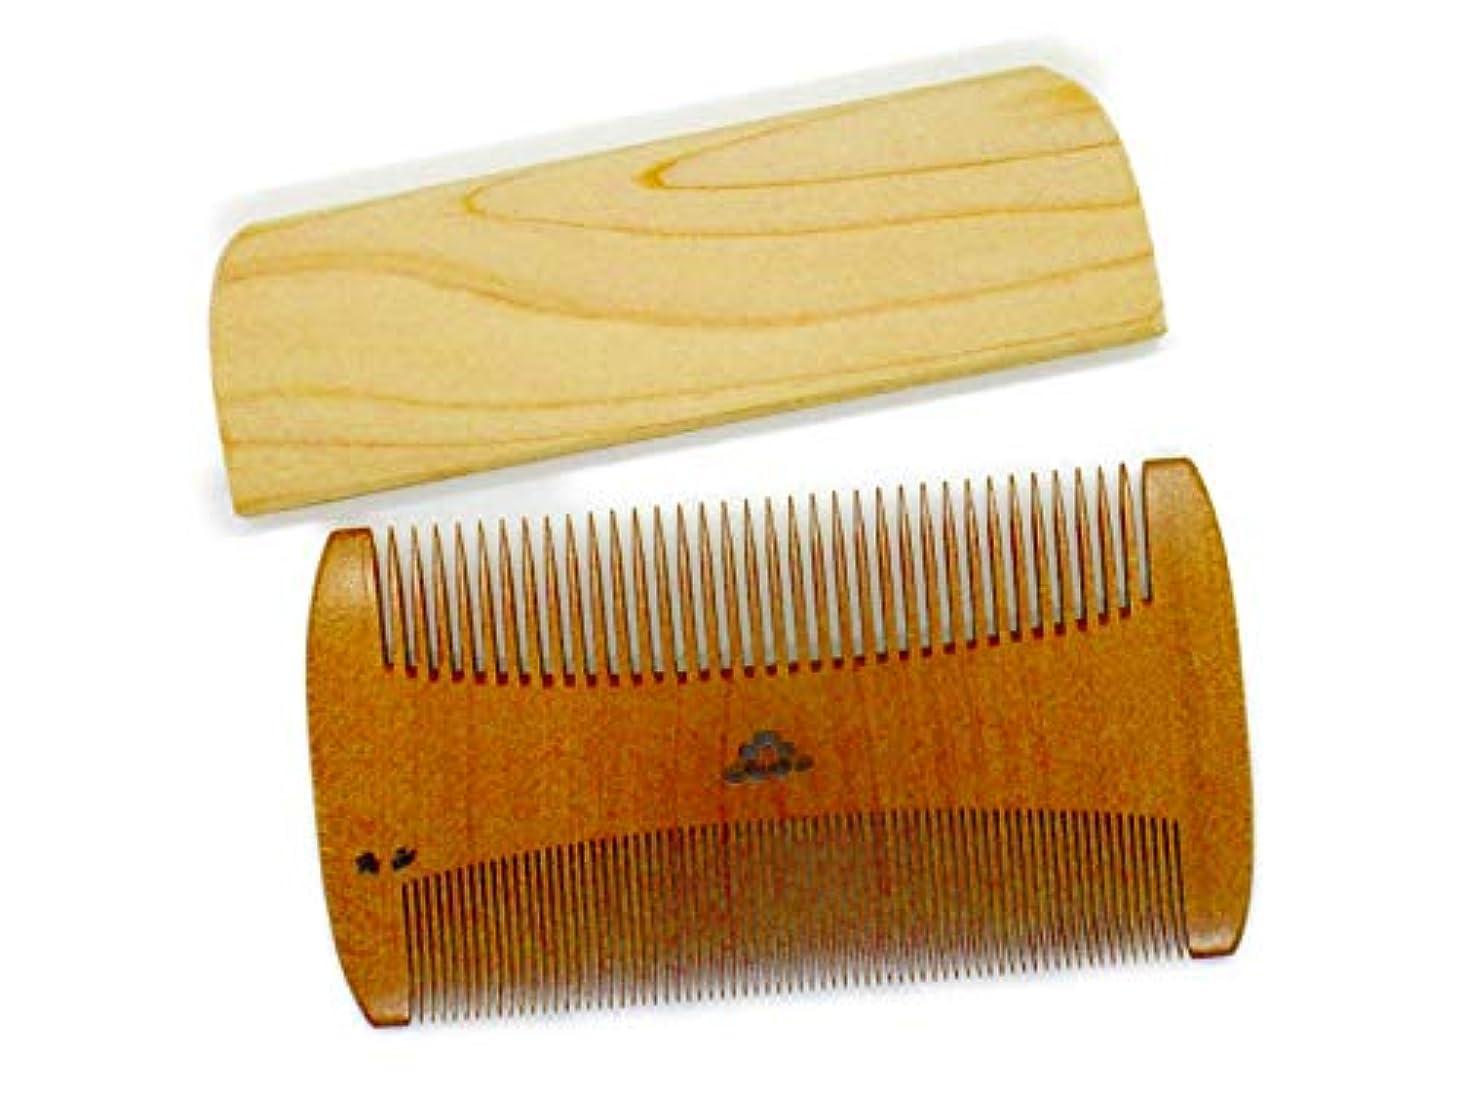 アジア人ルネッサンスブロックする椿櫛 すき櫛~つげ櫛職人が作りました~髪に付いたホコリを取る事に特化した櫛です。シラミ駆除対応